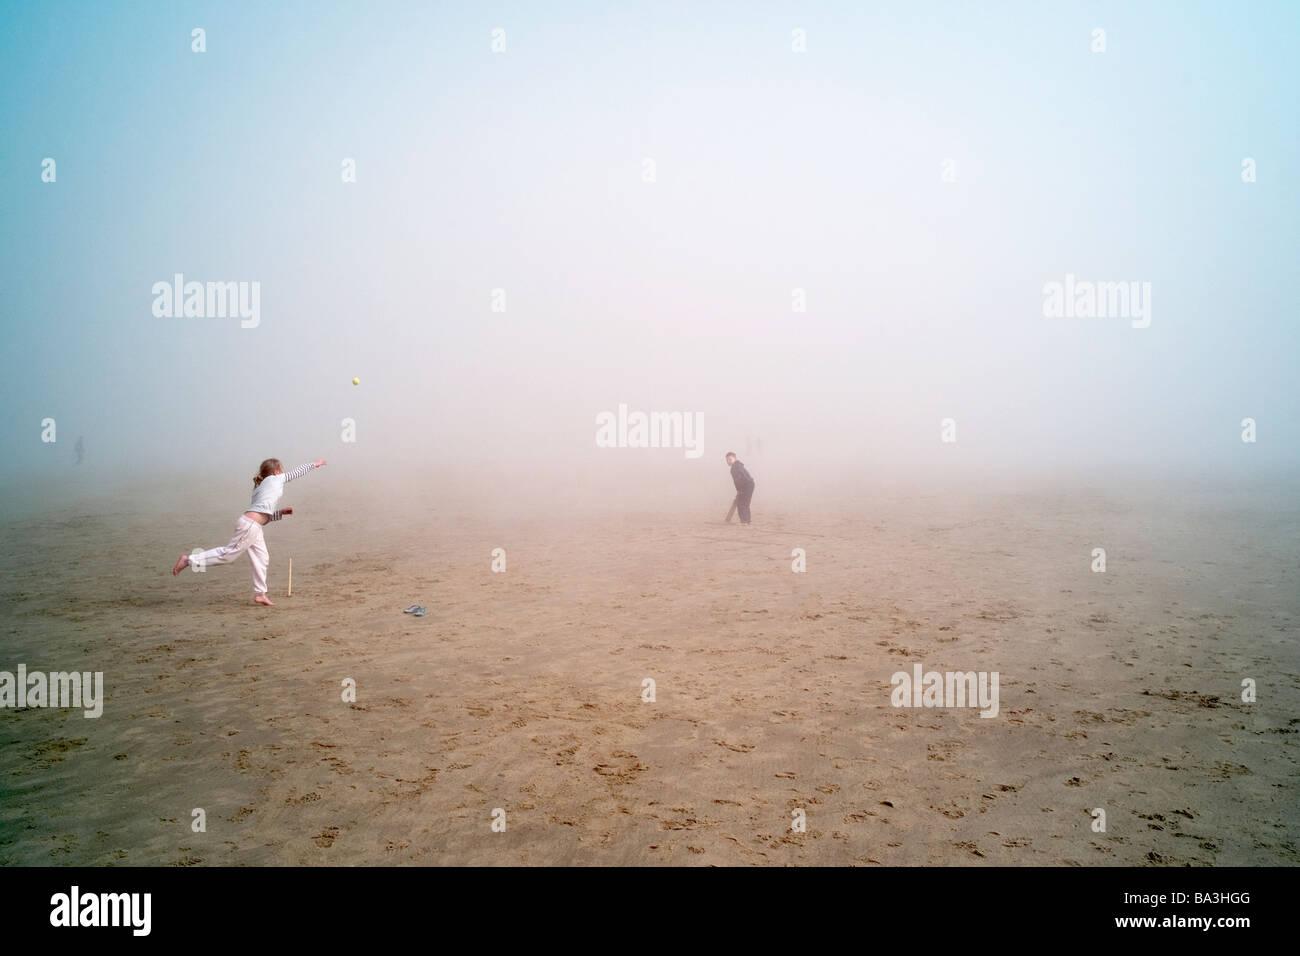 I bambini a giocare a cricket su una nebbia legato in spiaggia a Sud Est Inghilterra Immagini Stock